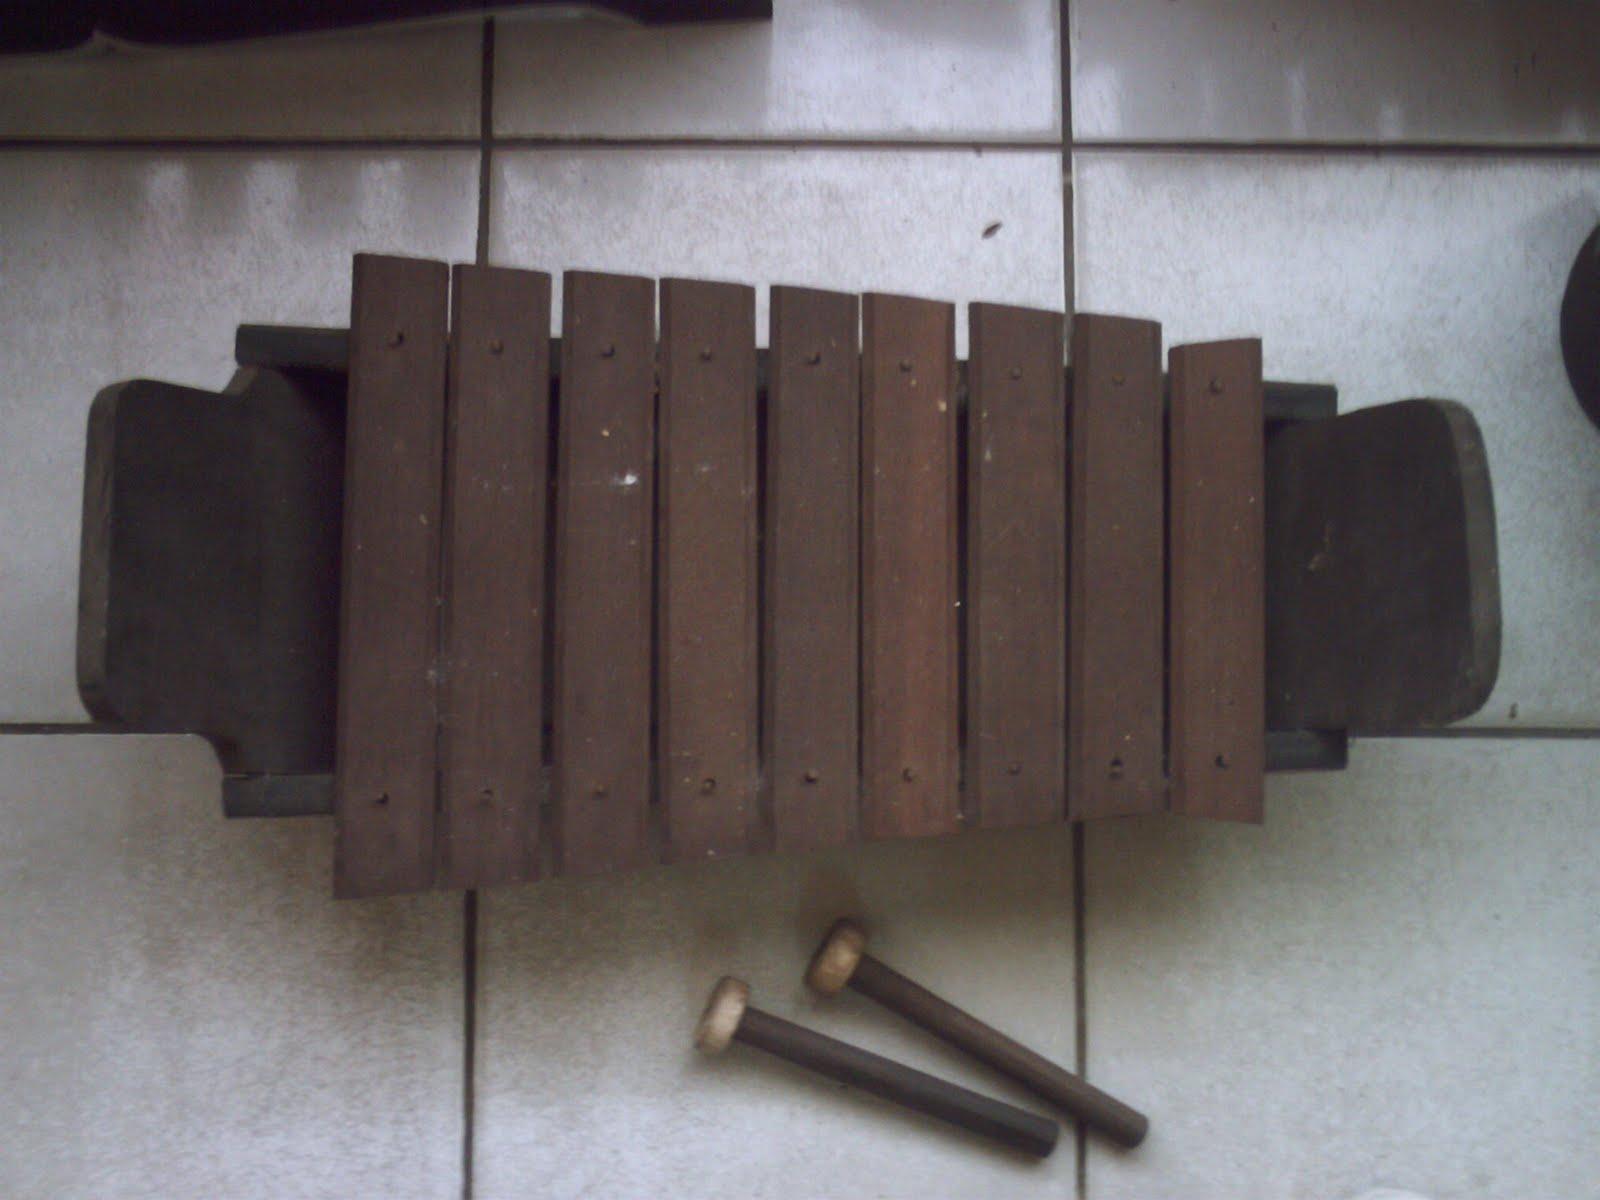 Dayak Art Music: March 2010